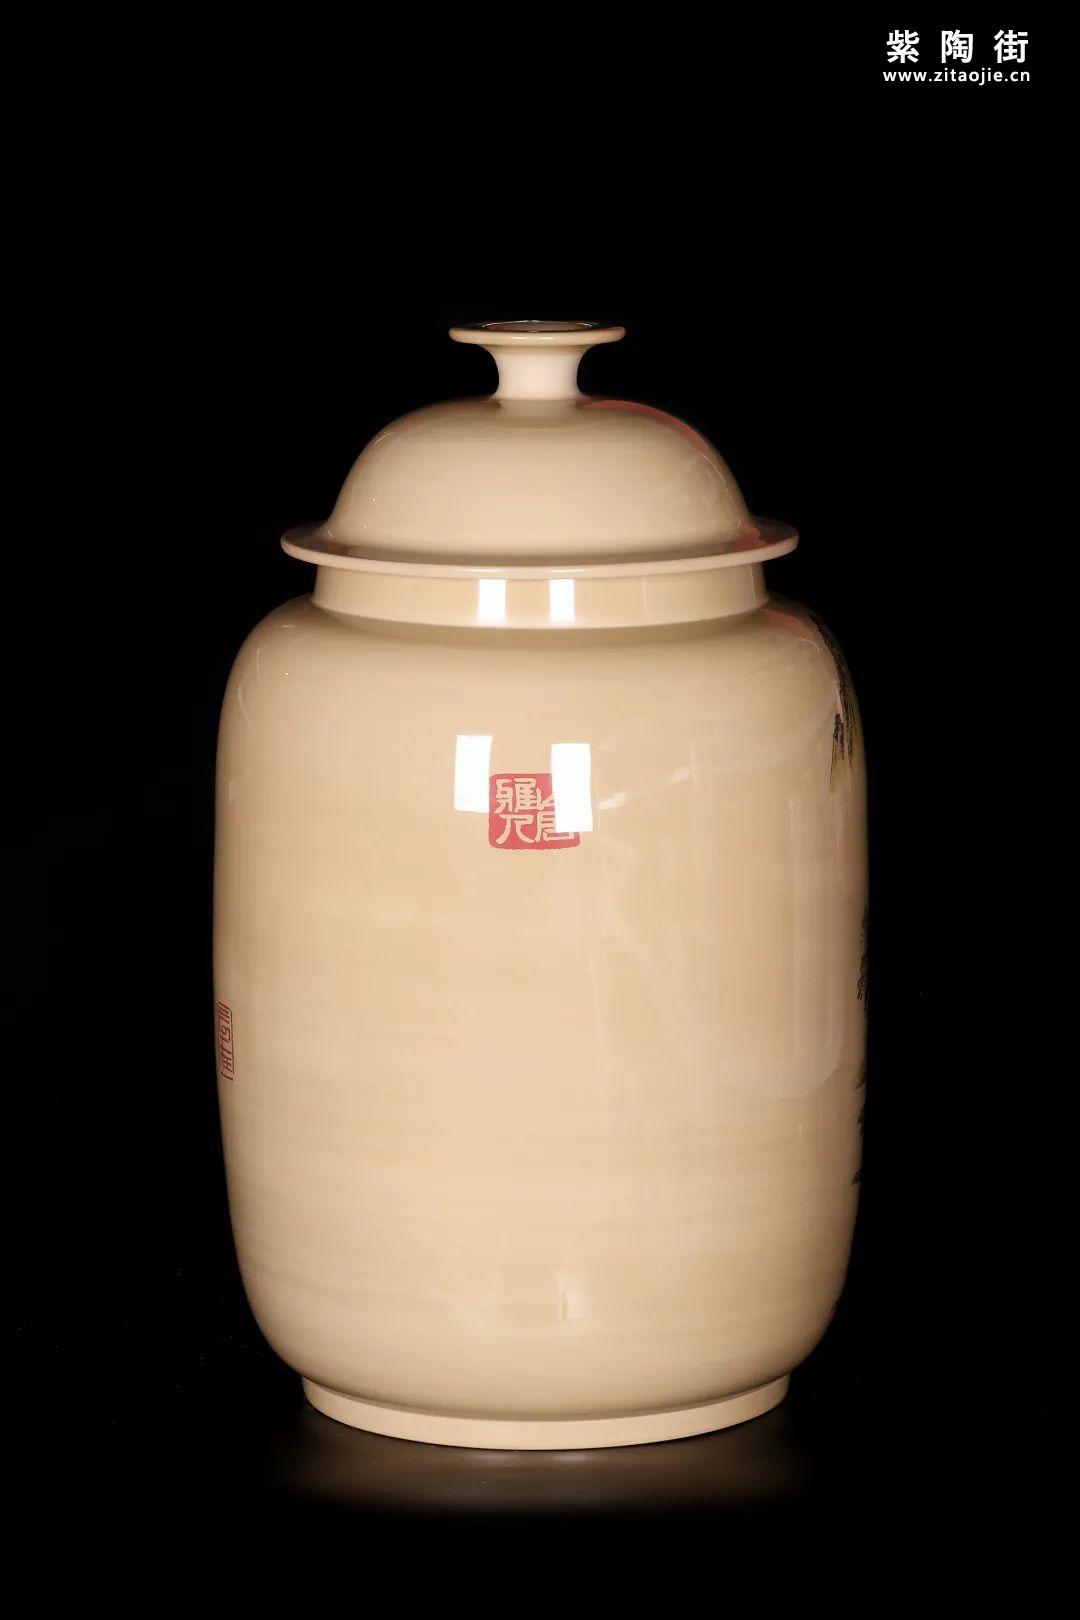 廖建忠、廖渊涵的青绿山水装饰紫陶缸插图17